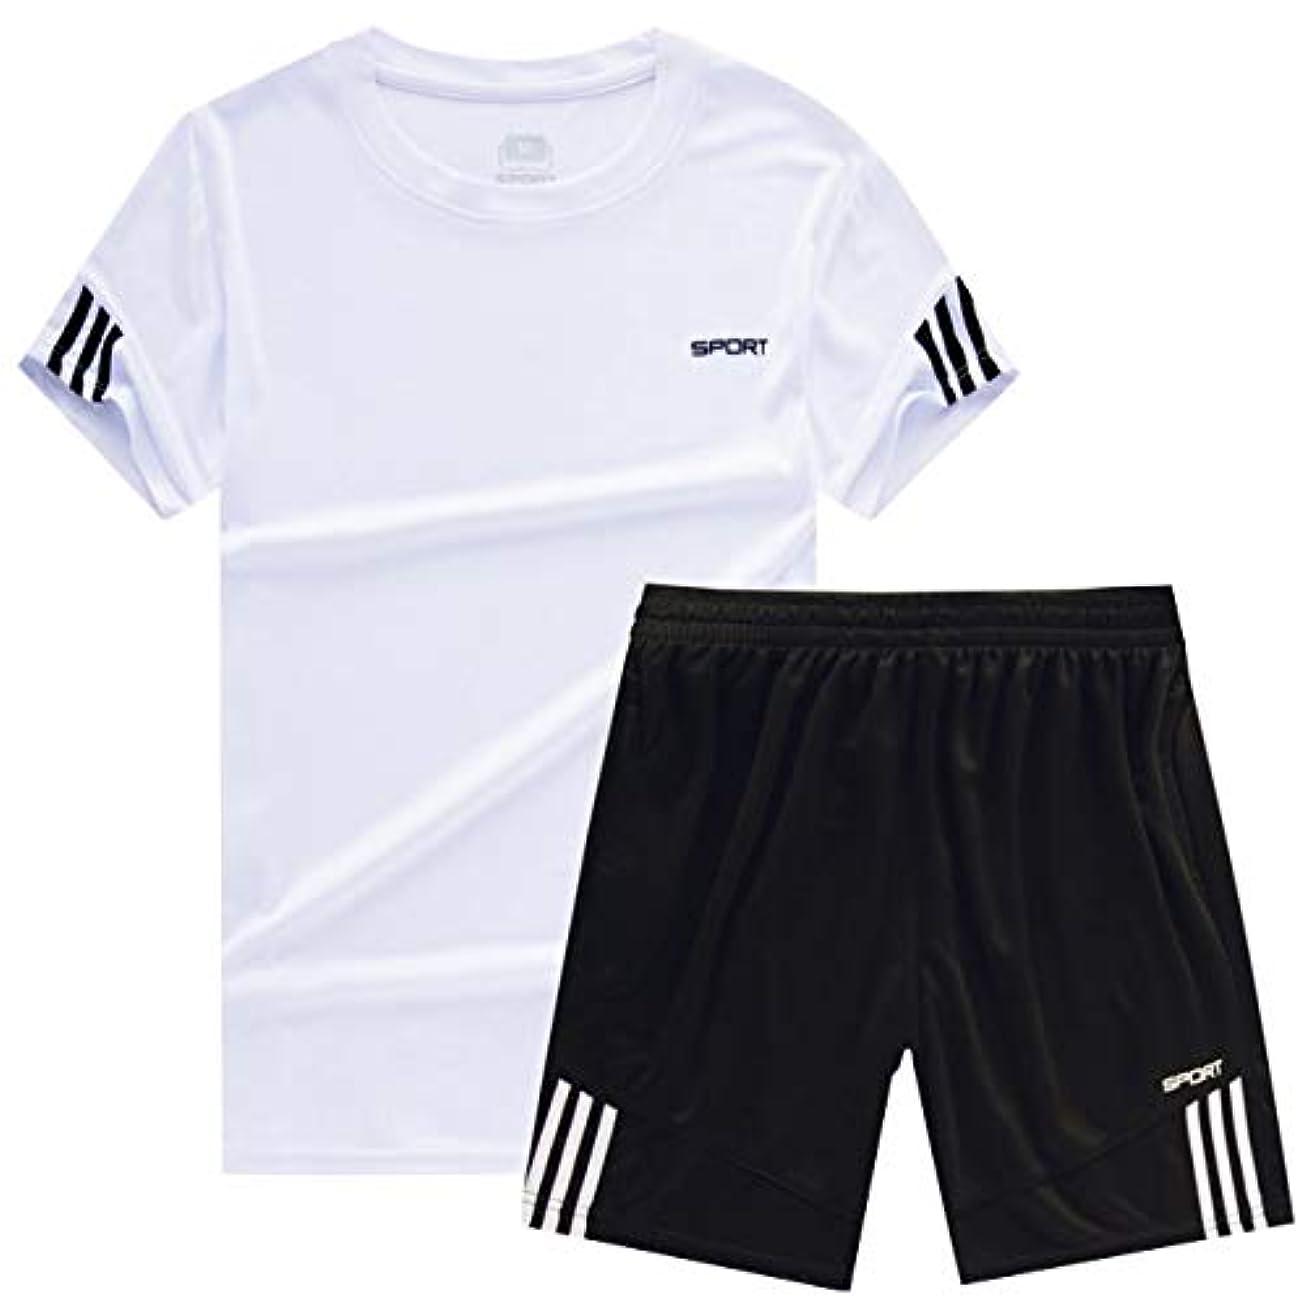 織機予想外共和党[ココチエ] スポーツウェア メンズ 半袖 短パン 上下 tシャツ 大きめ セットアップ 部屋着 夏